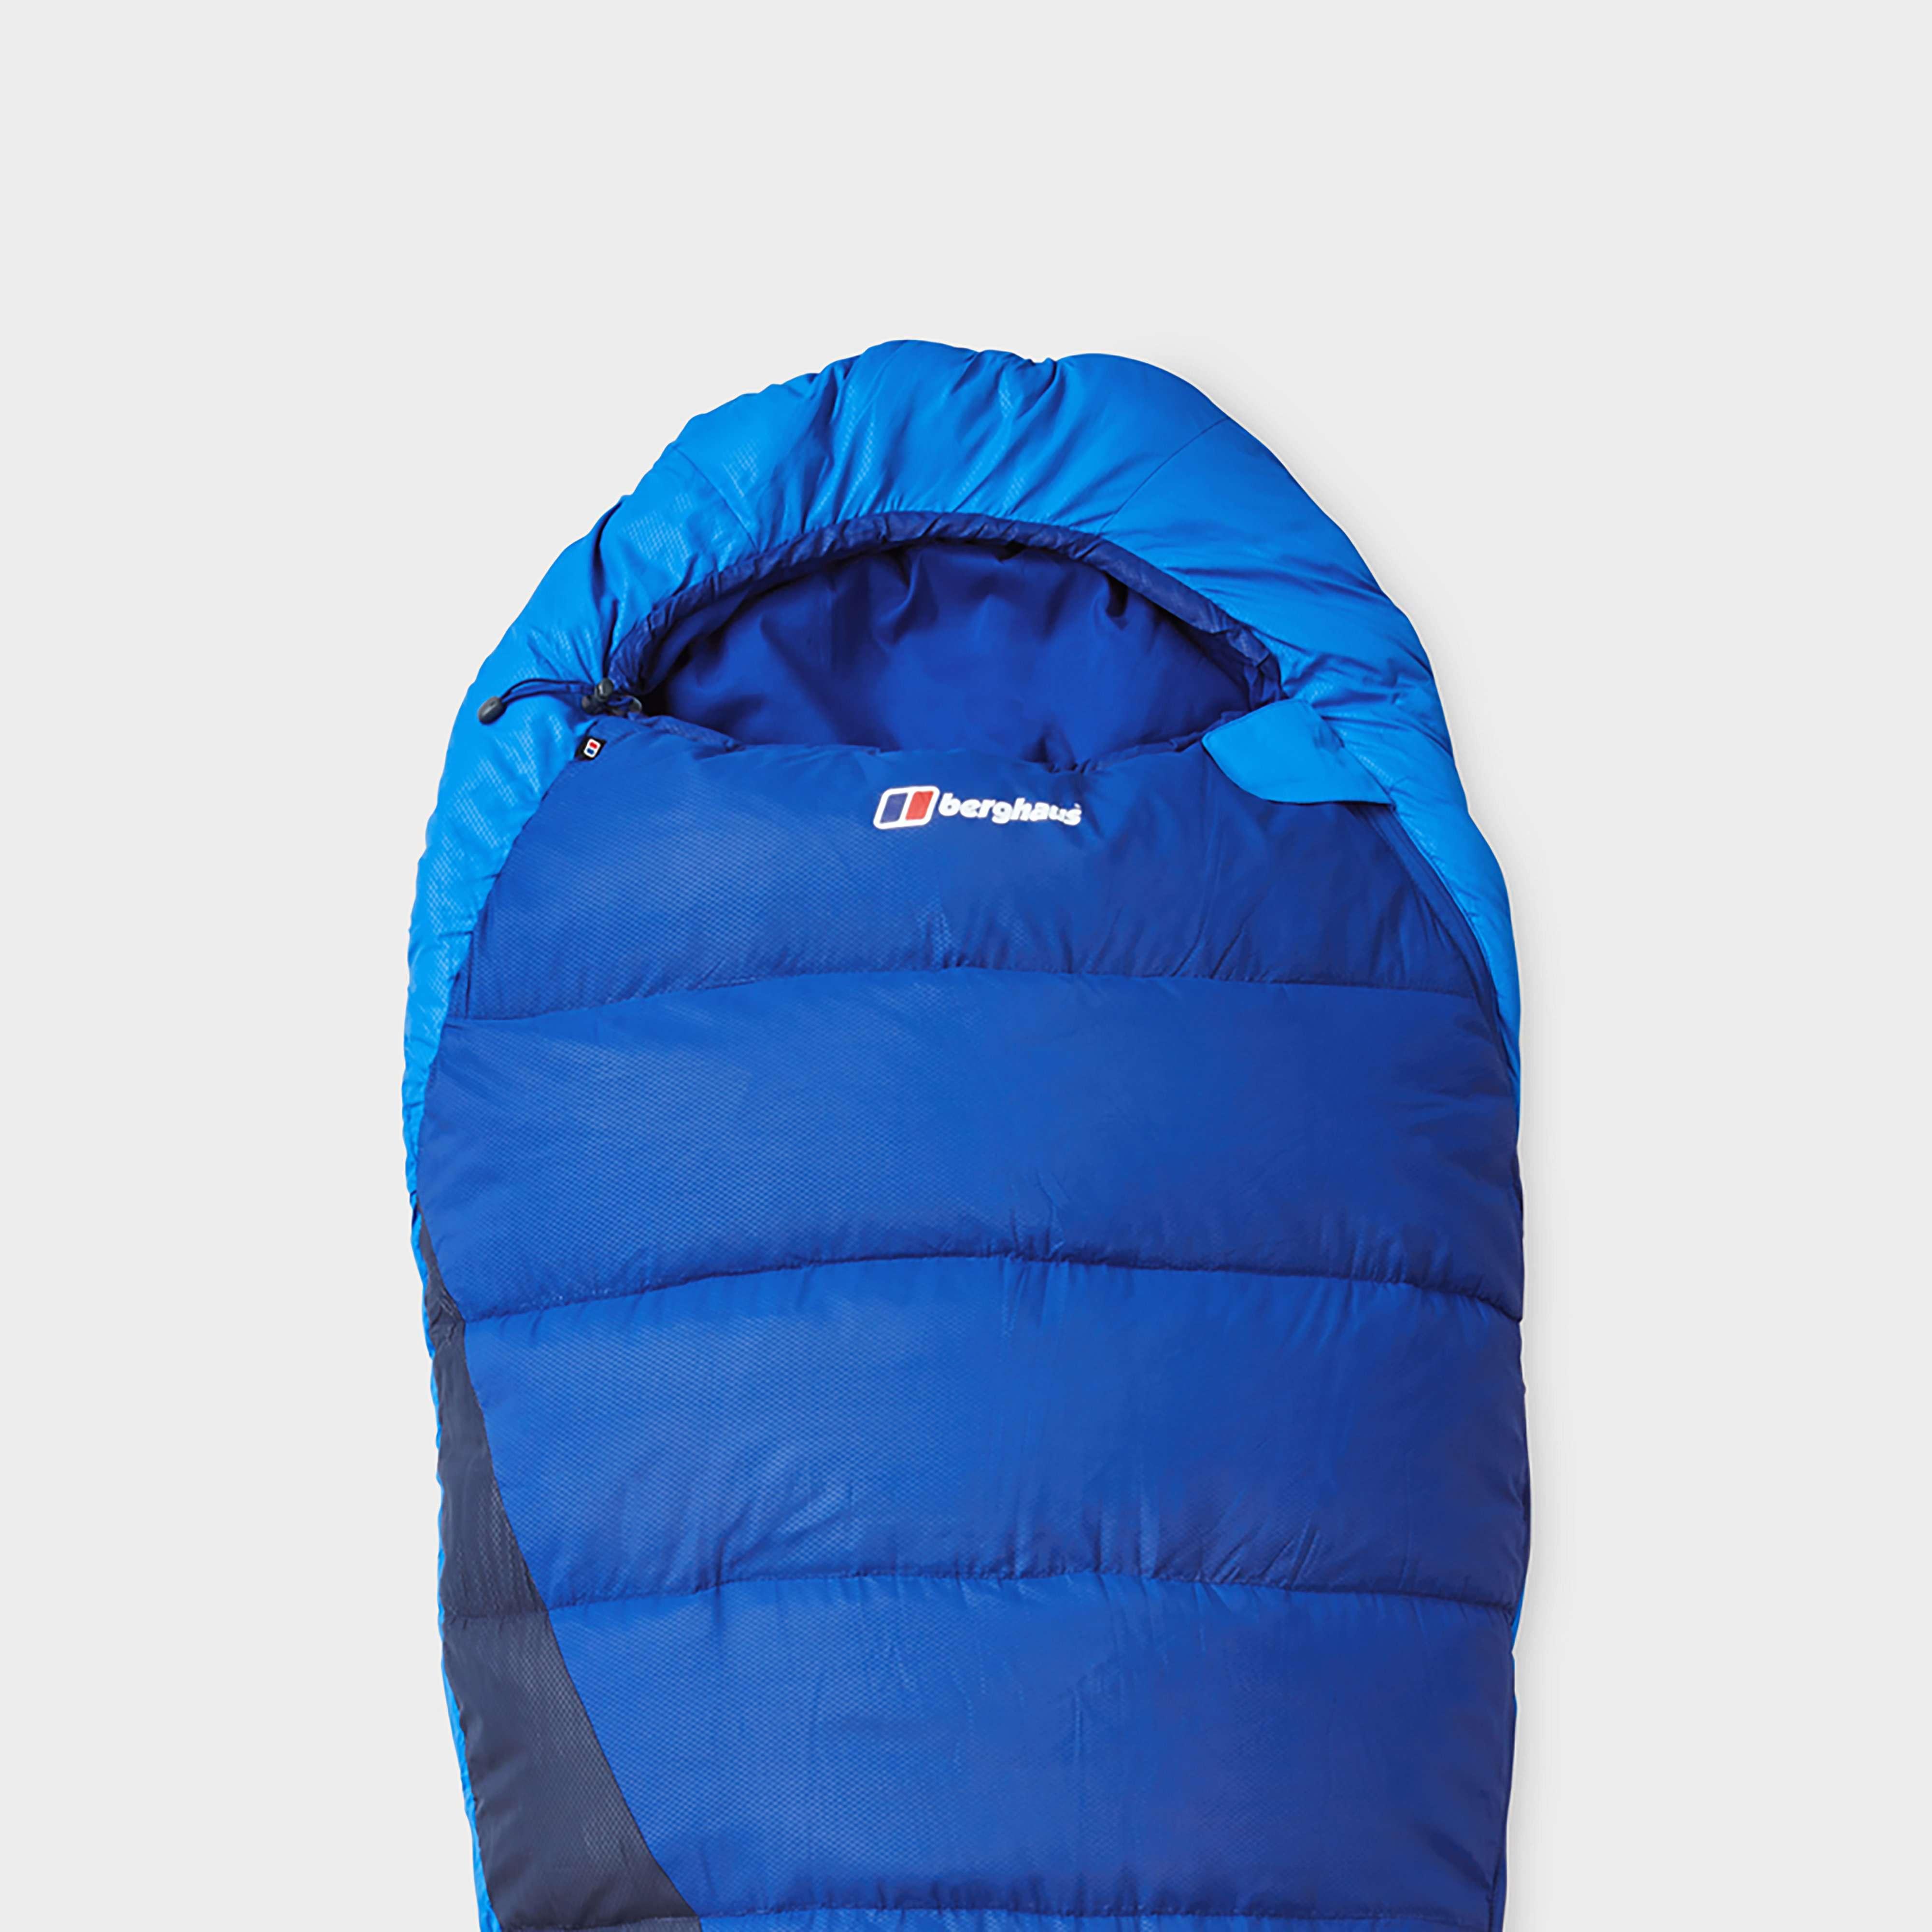 BERGHAUS Transition 200 Sleeping Bag